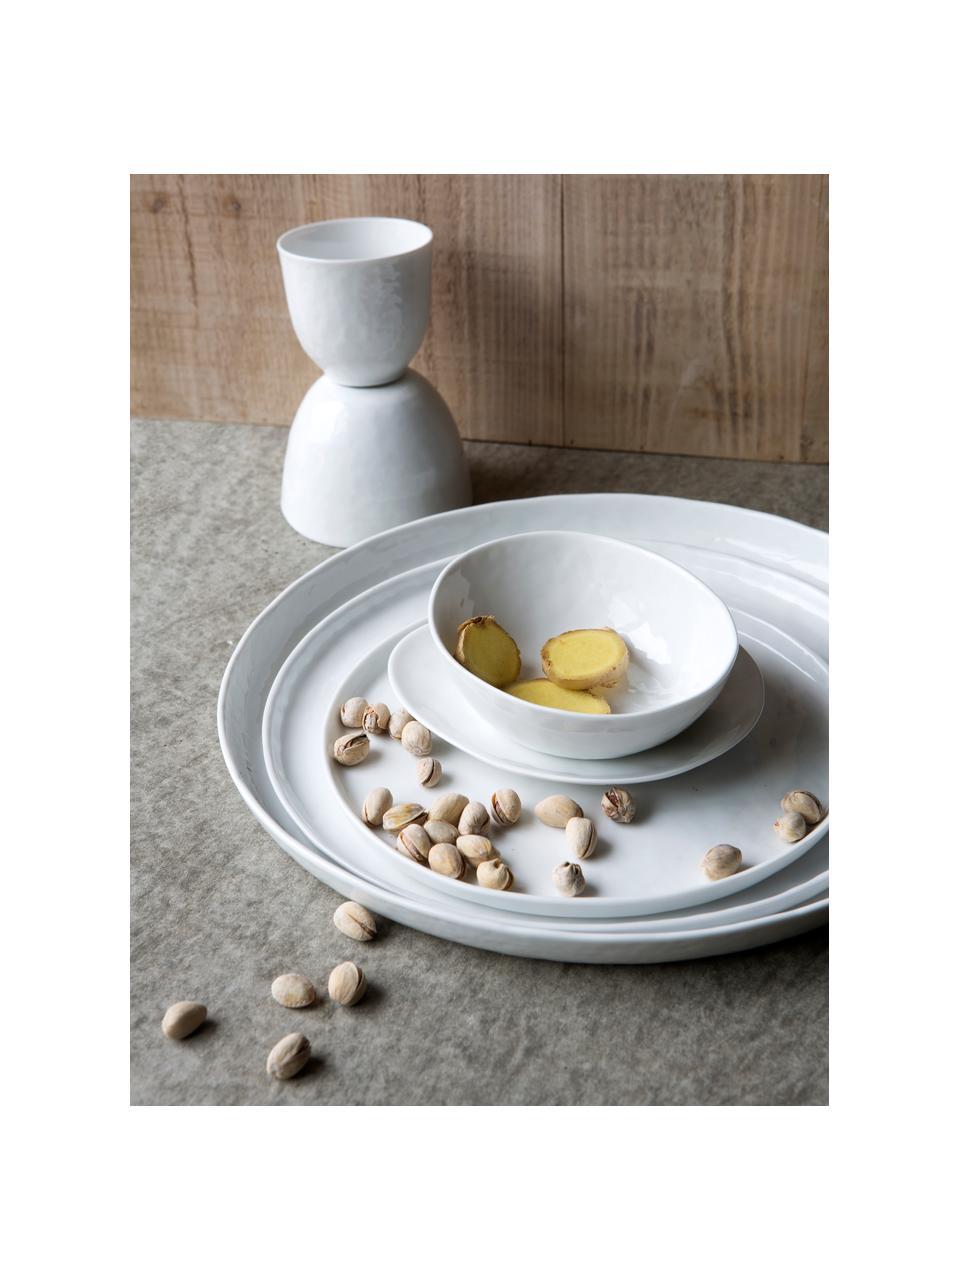 Frühstücksteller Porcelino mit unebener Oberfläche, 4 Stück, Porzellan, gewollt ungleichmäßig, Weiß, Ø 22 cm